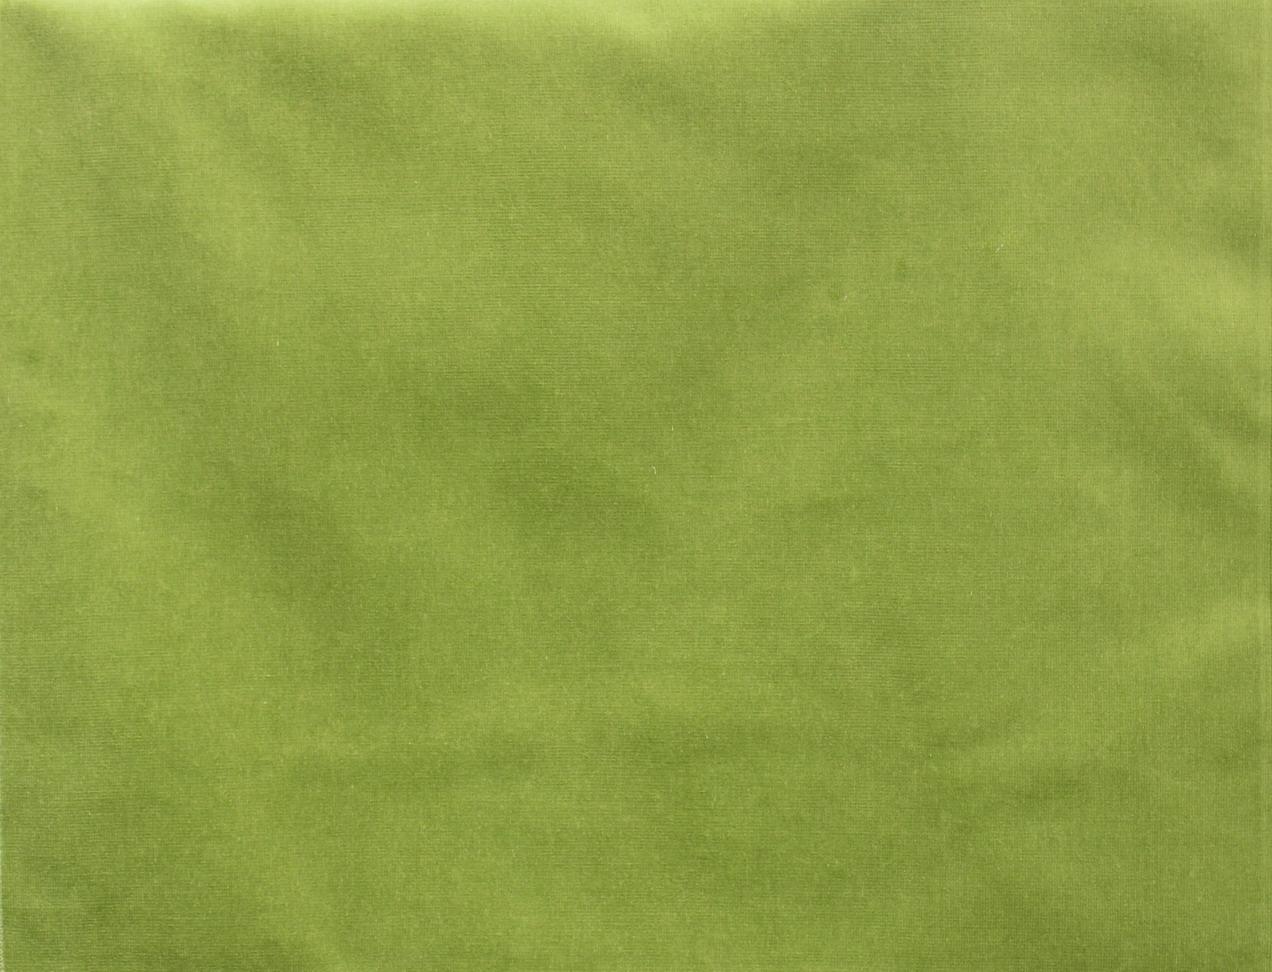 LIOCORNO Grass Green